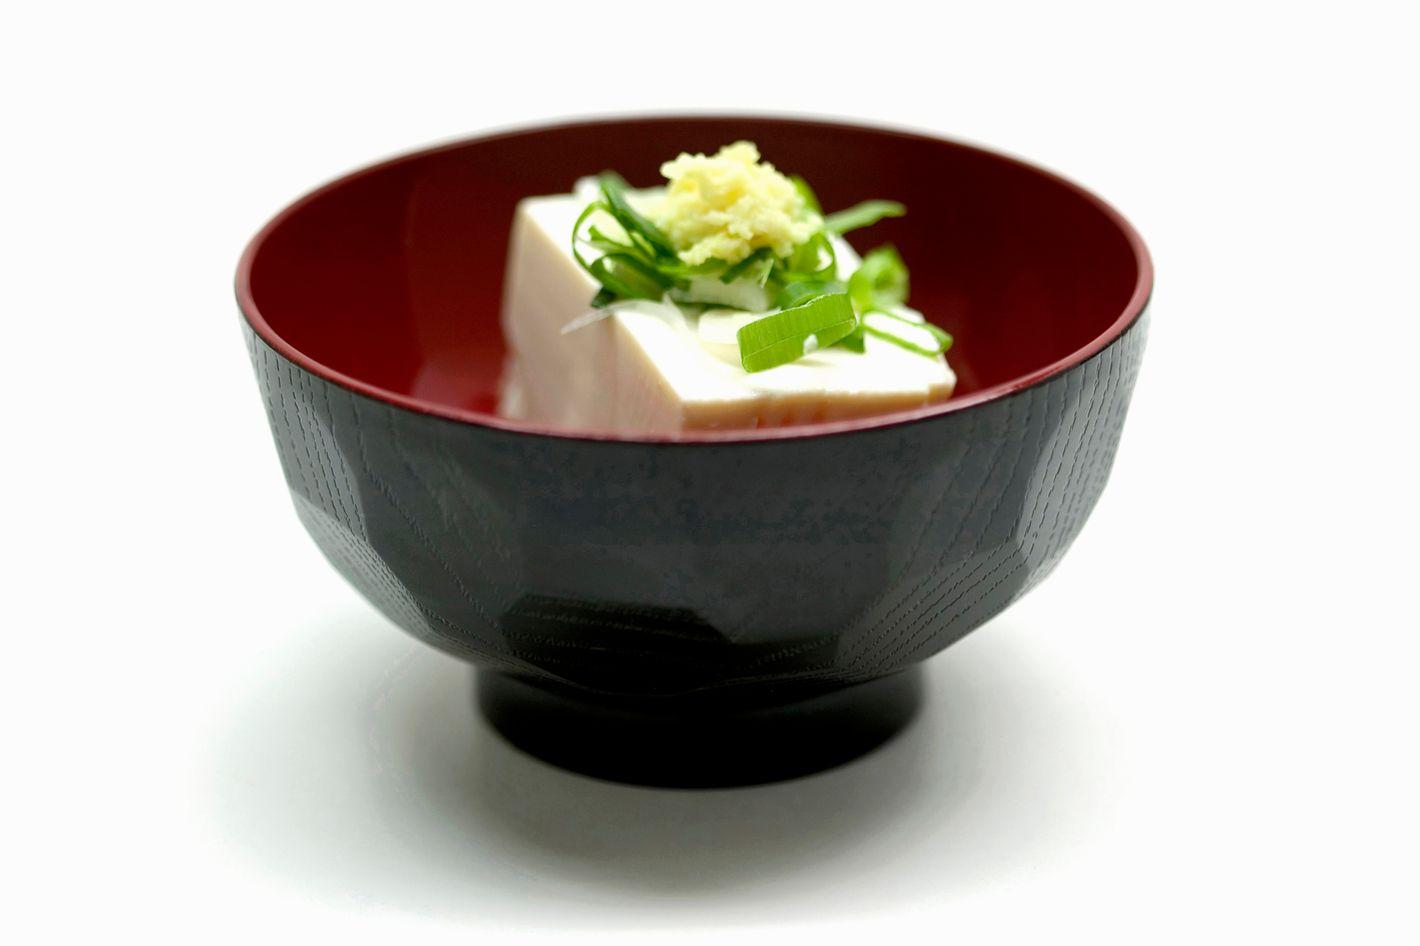 No tofu for you.